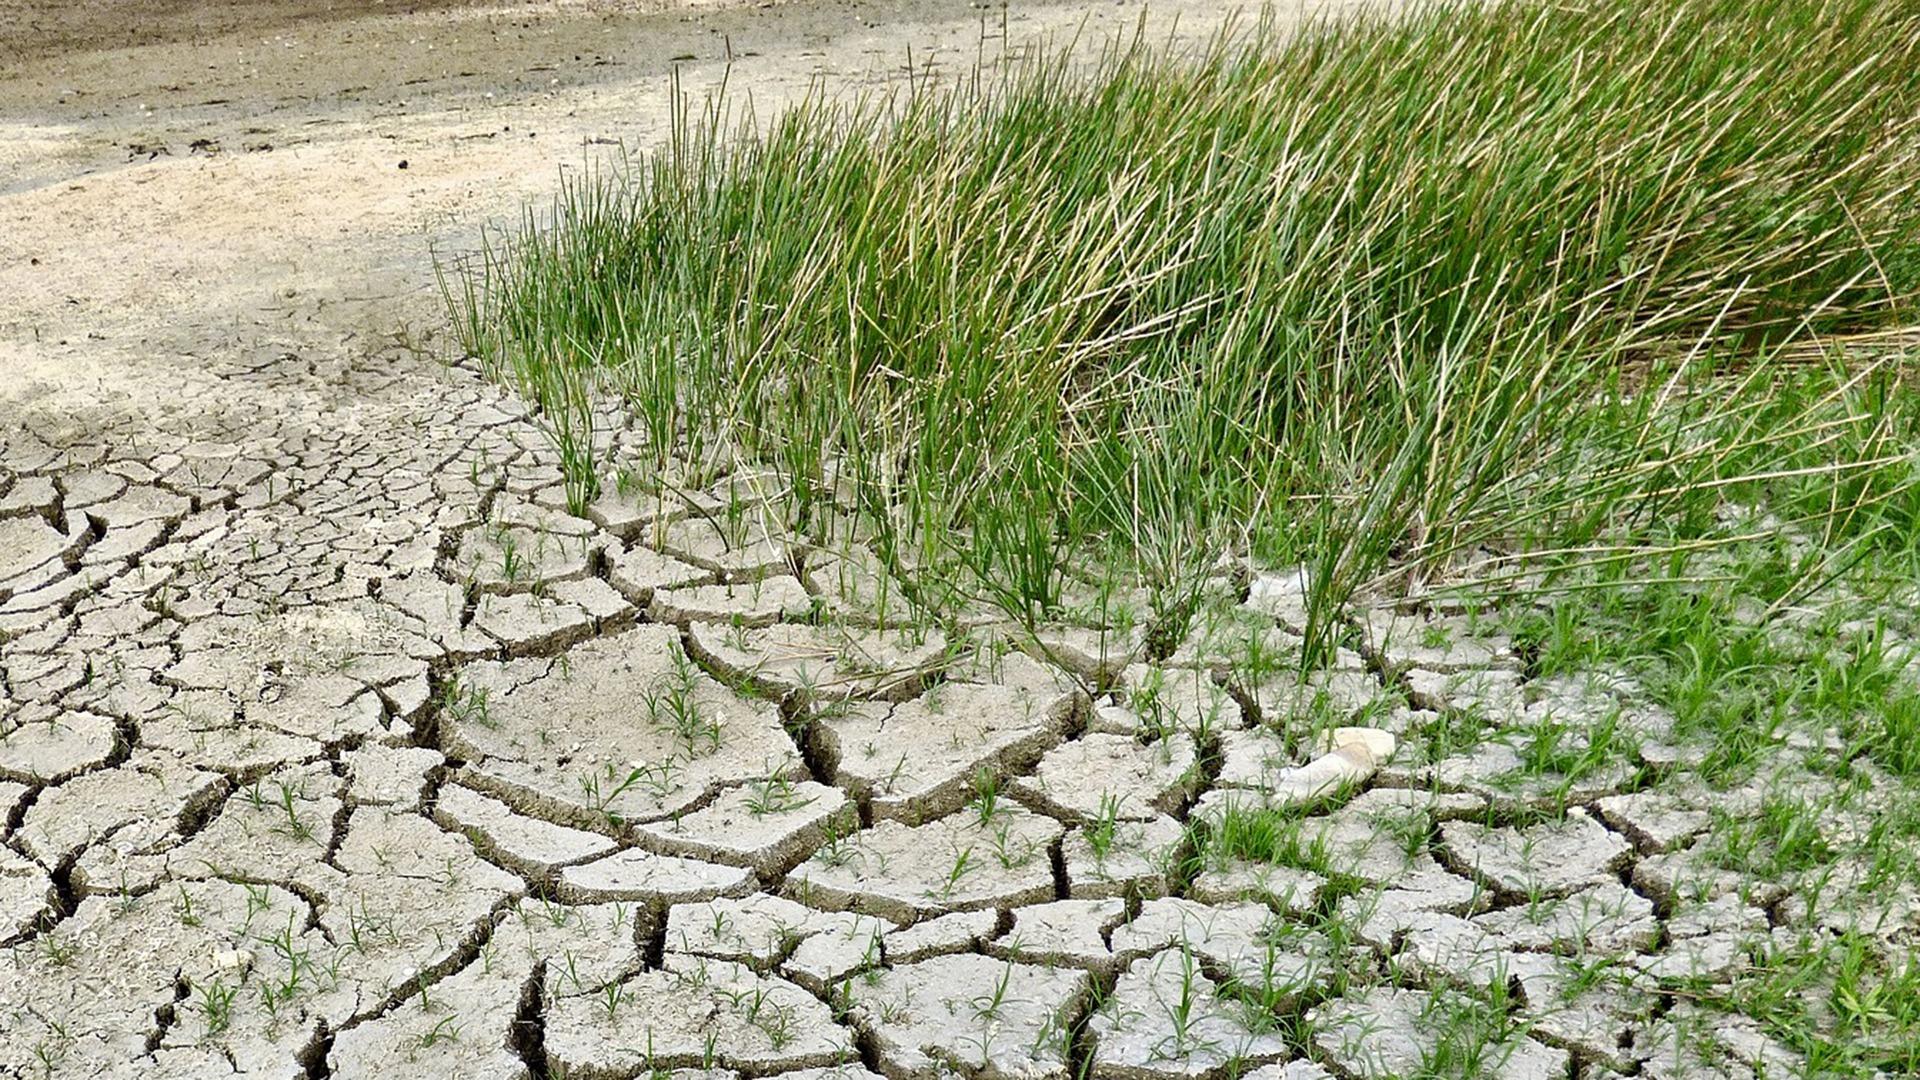 De gevolgen van de droogte voor de landbouw